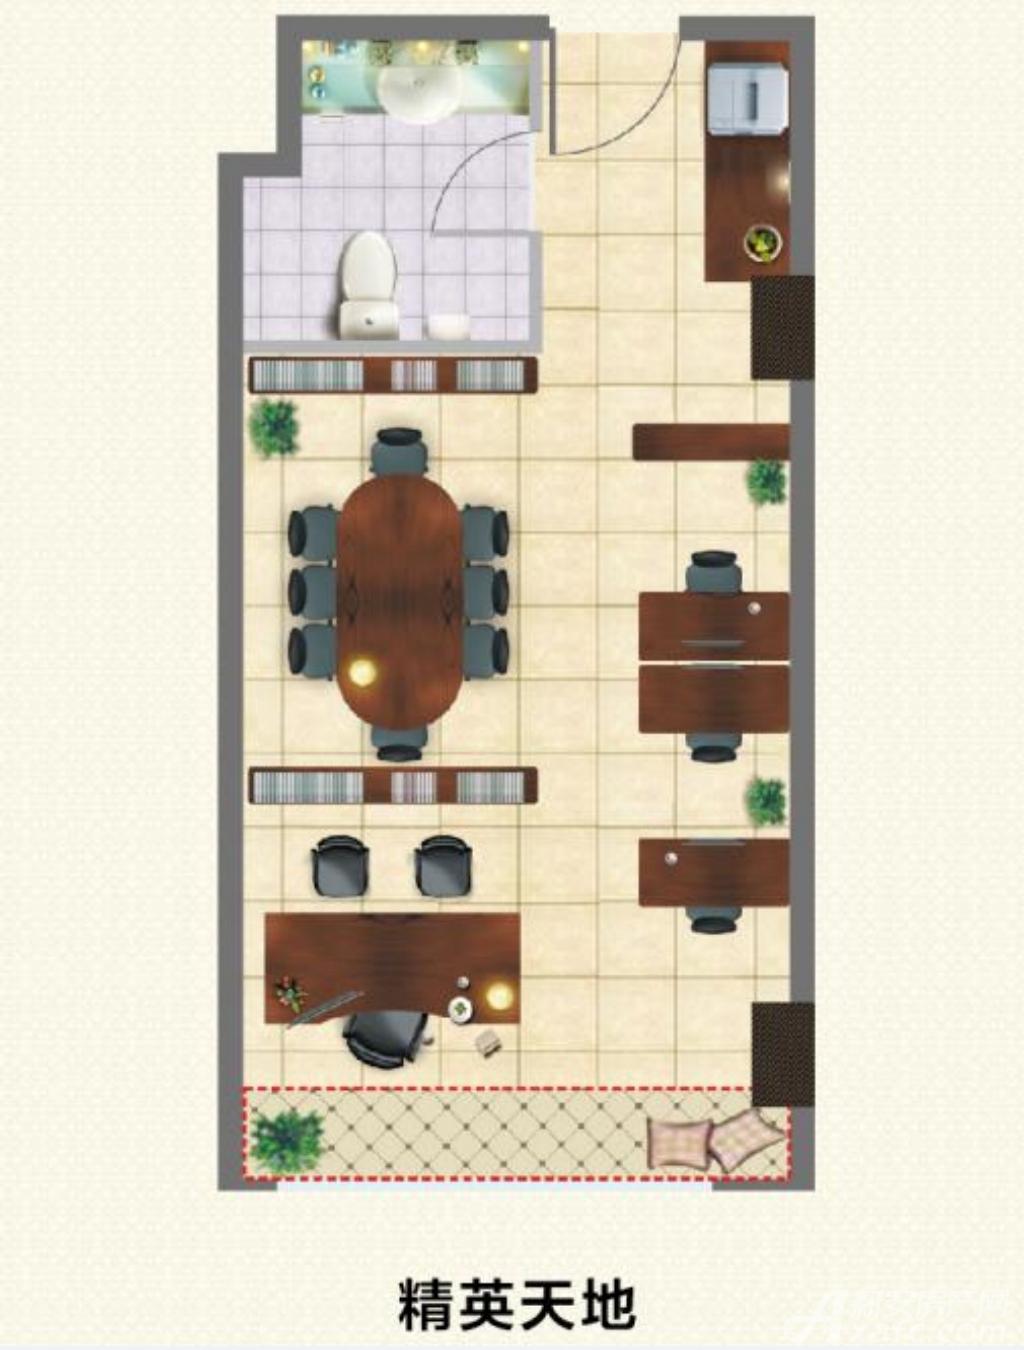 宿州国购广场精英天地SOHO户型1室1厅45平米